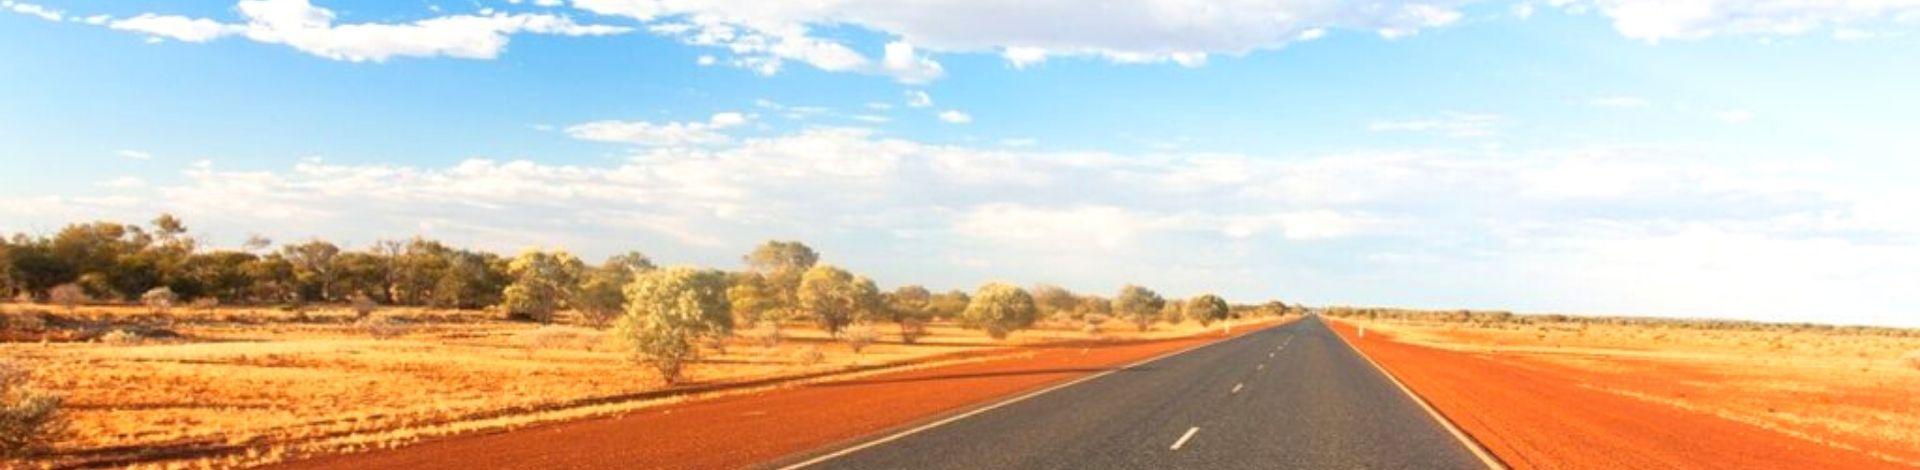 Grands espaces route paysage grandiose